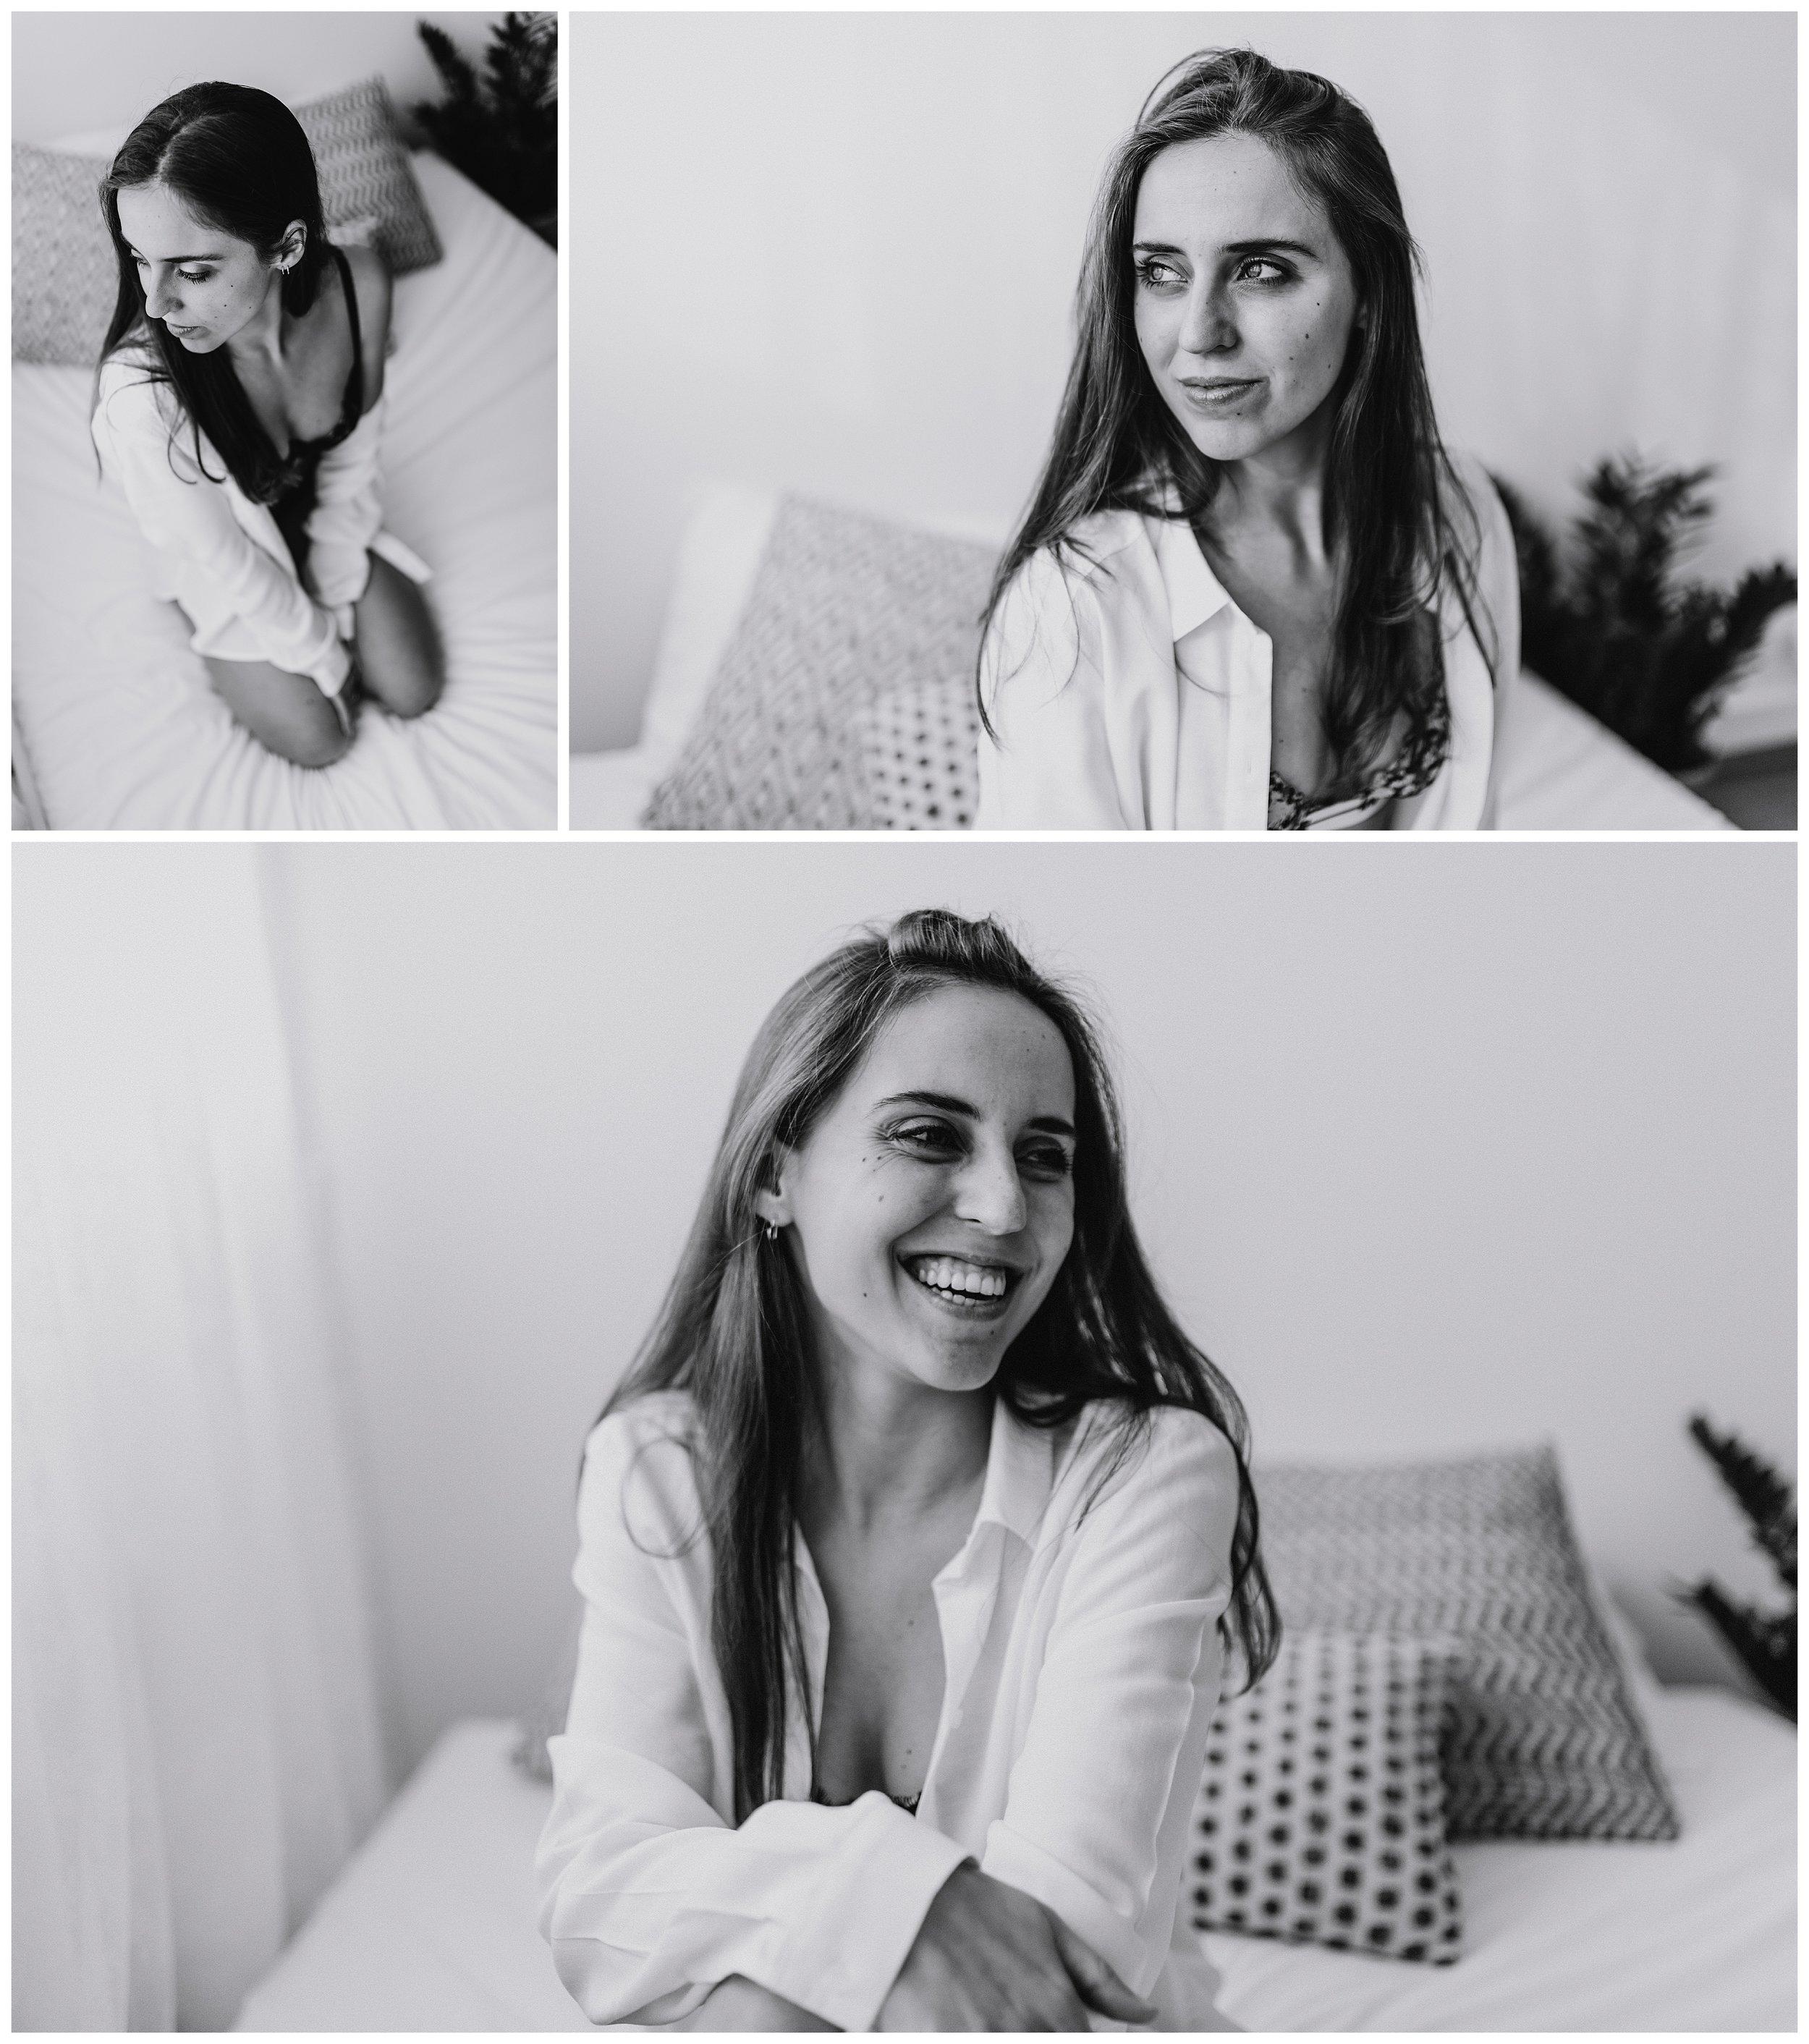 boudoirfotografie-boudoir-lisa-helsen-herentals-kempen_0004.jpg